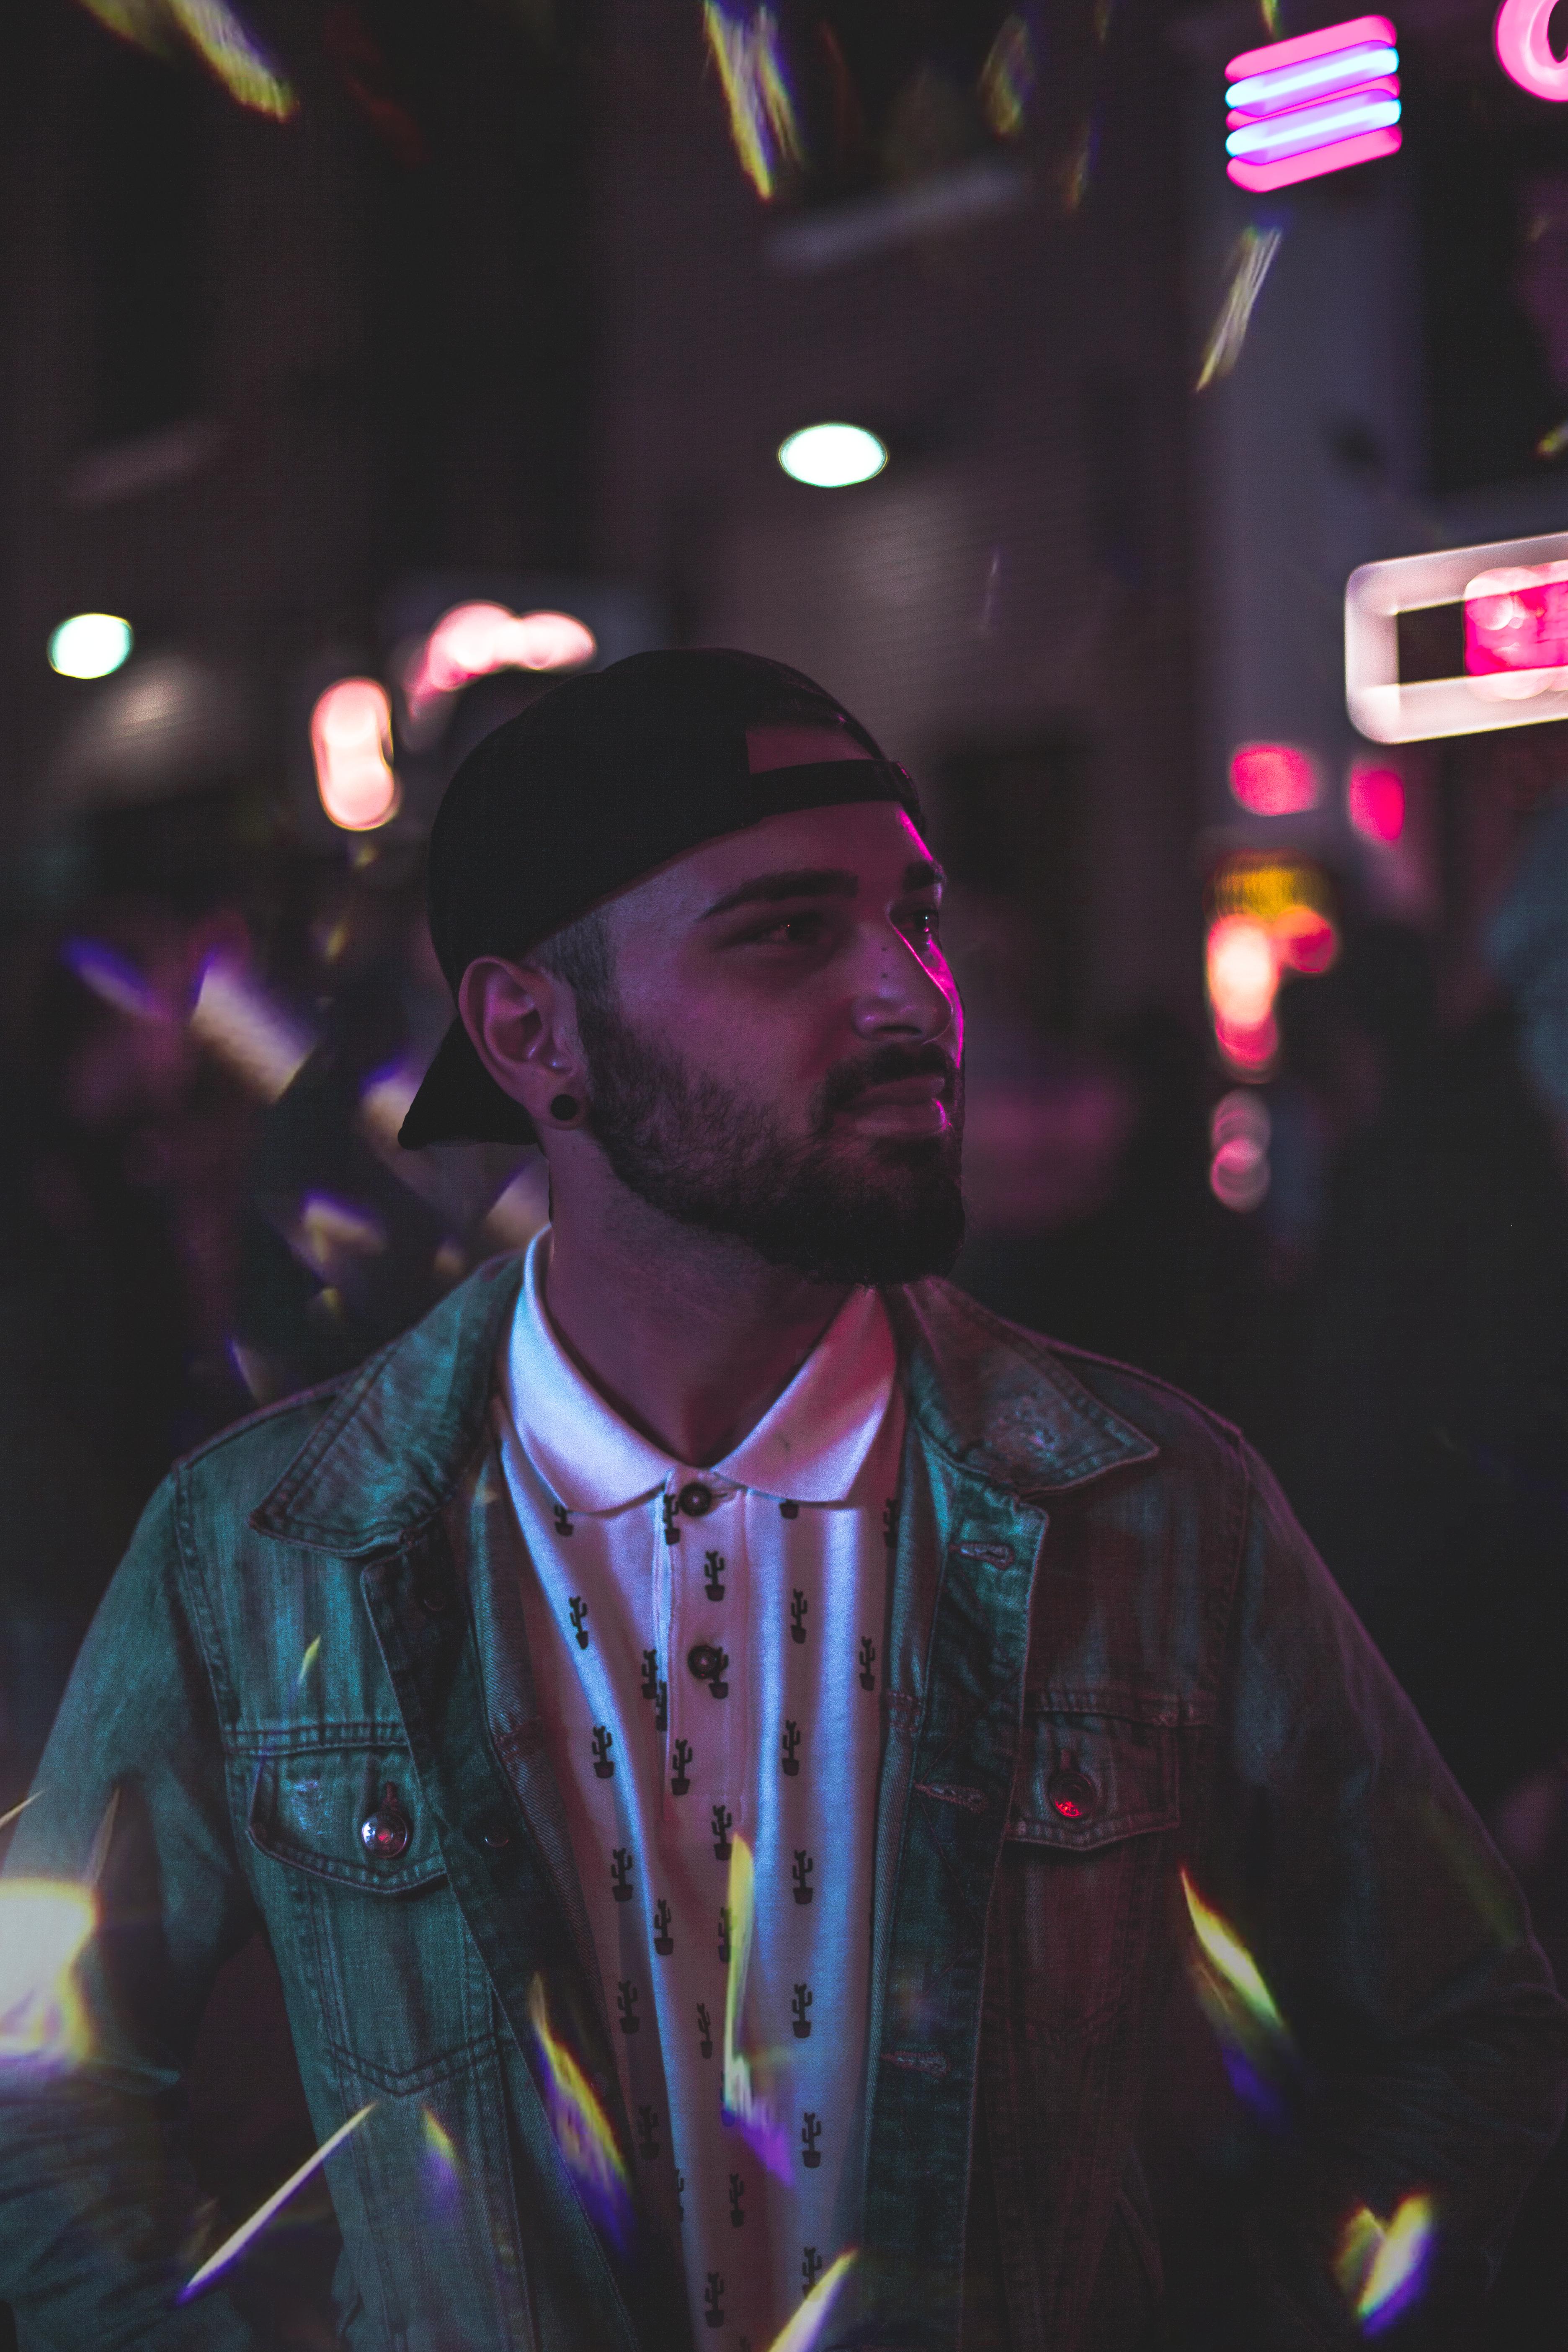 Man Wearing Gray Denim Jacket and Black Cap at Night